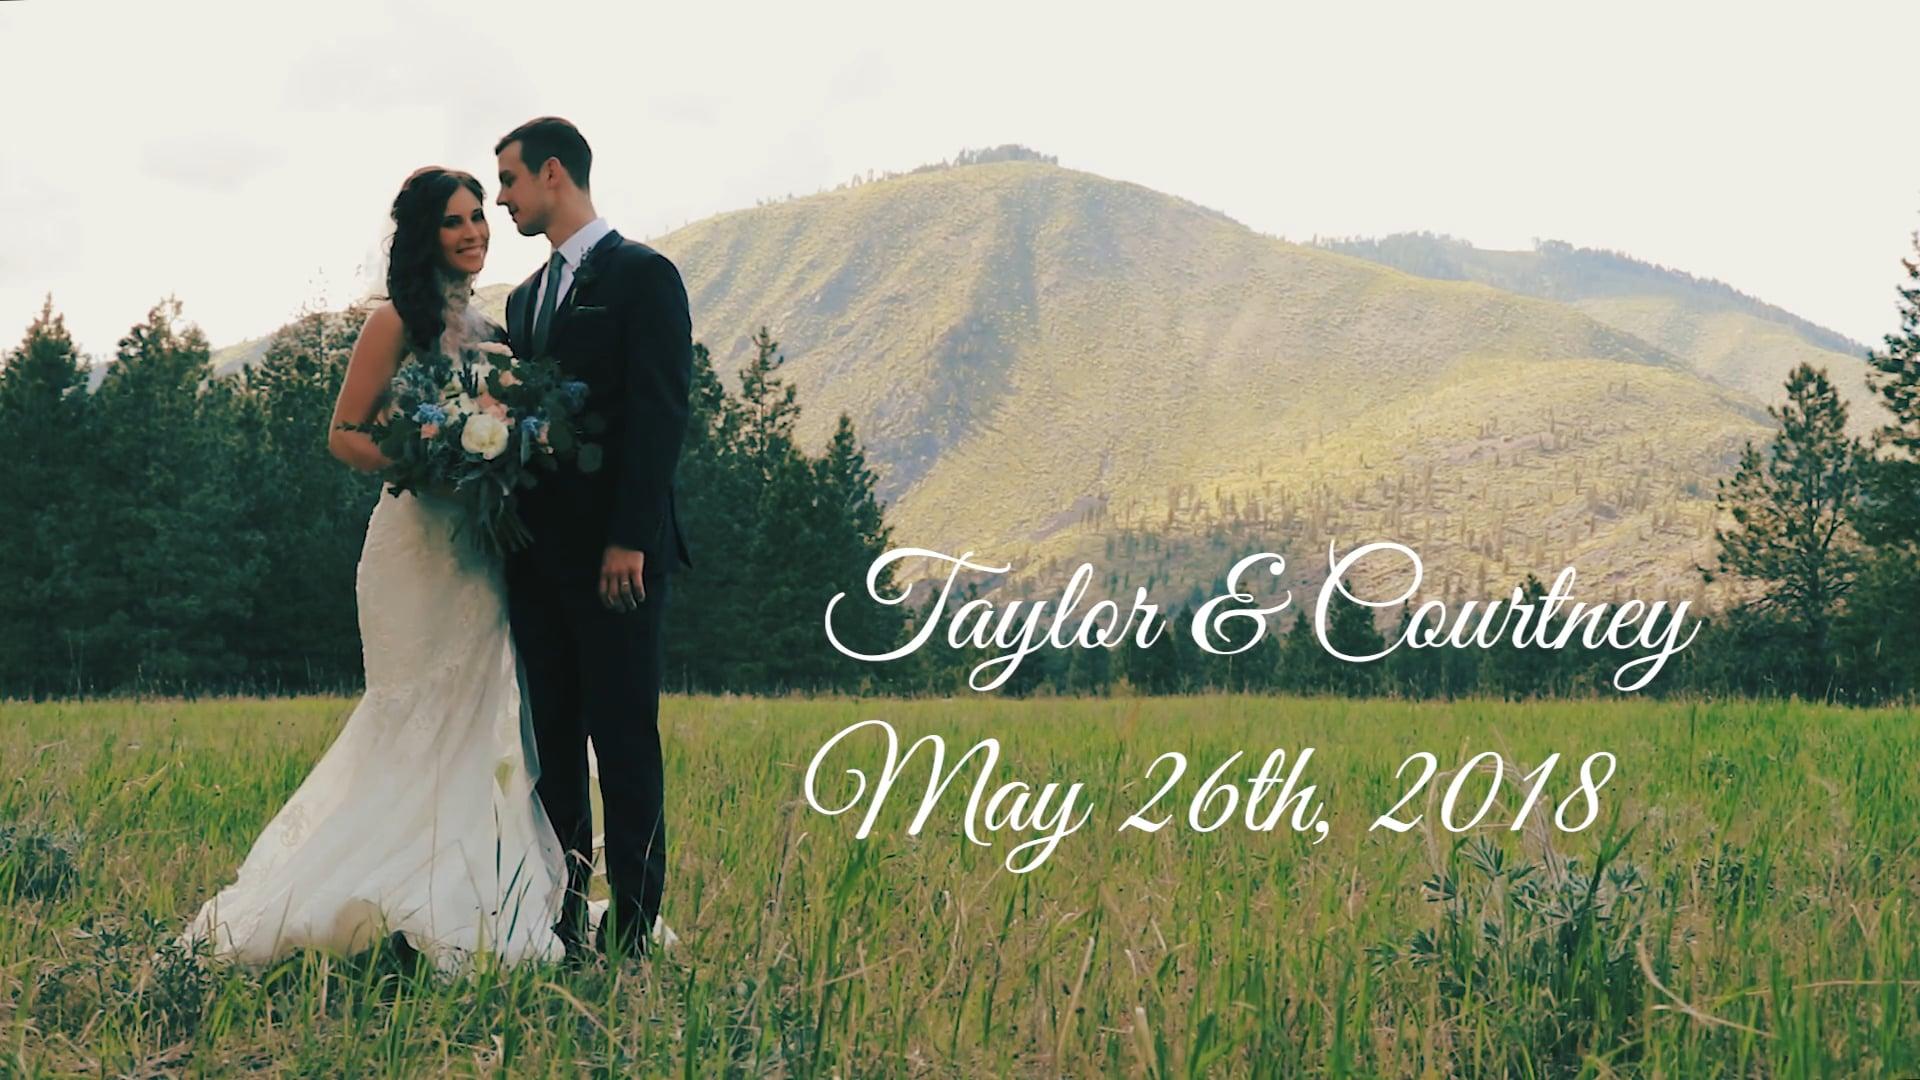 Courtney & Taylor   Wedding Film